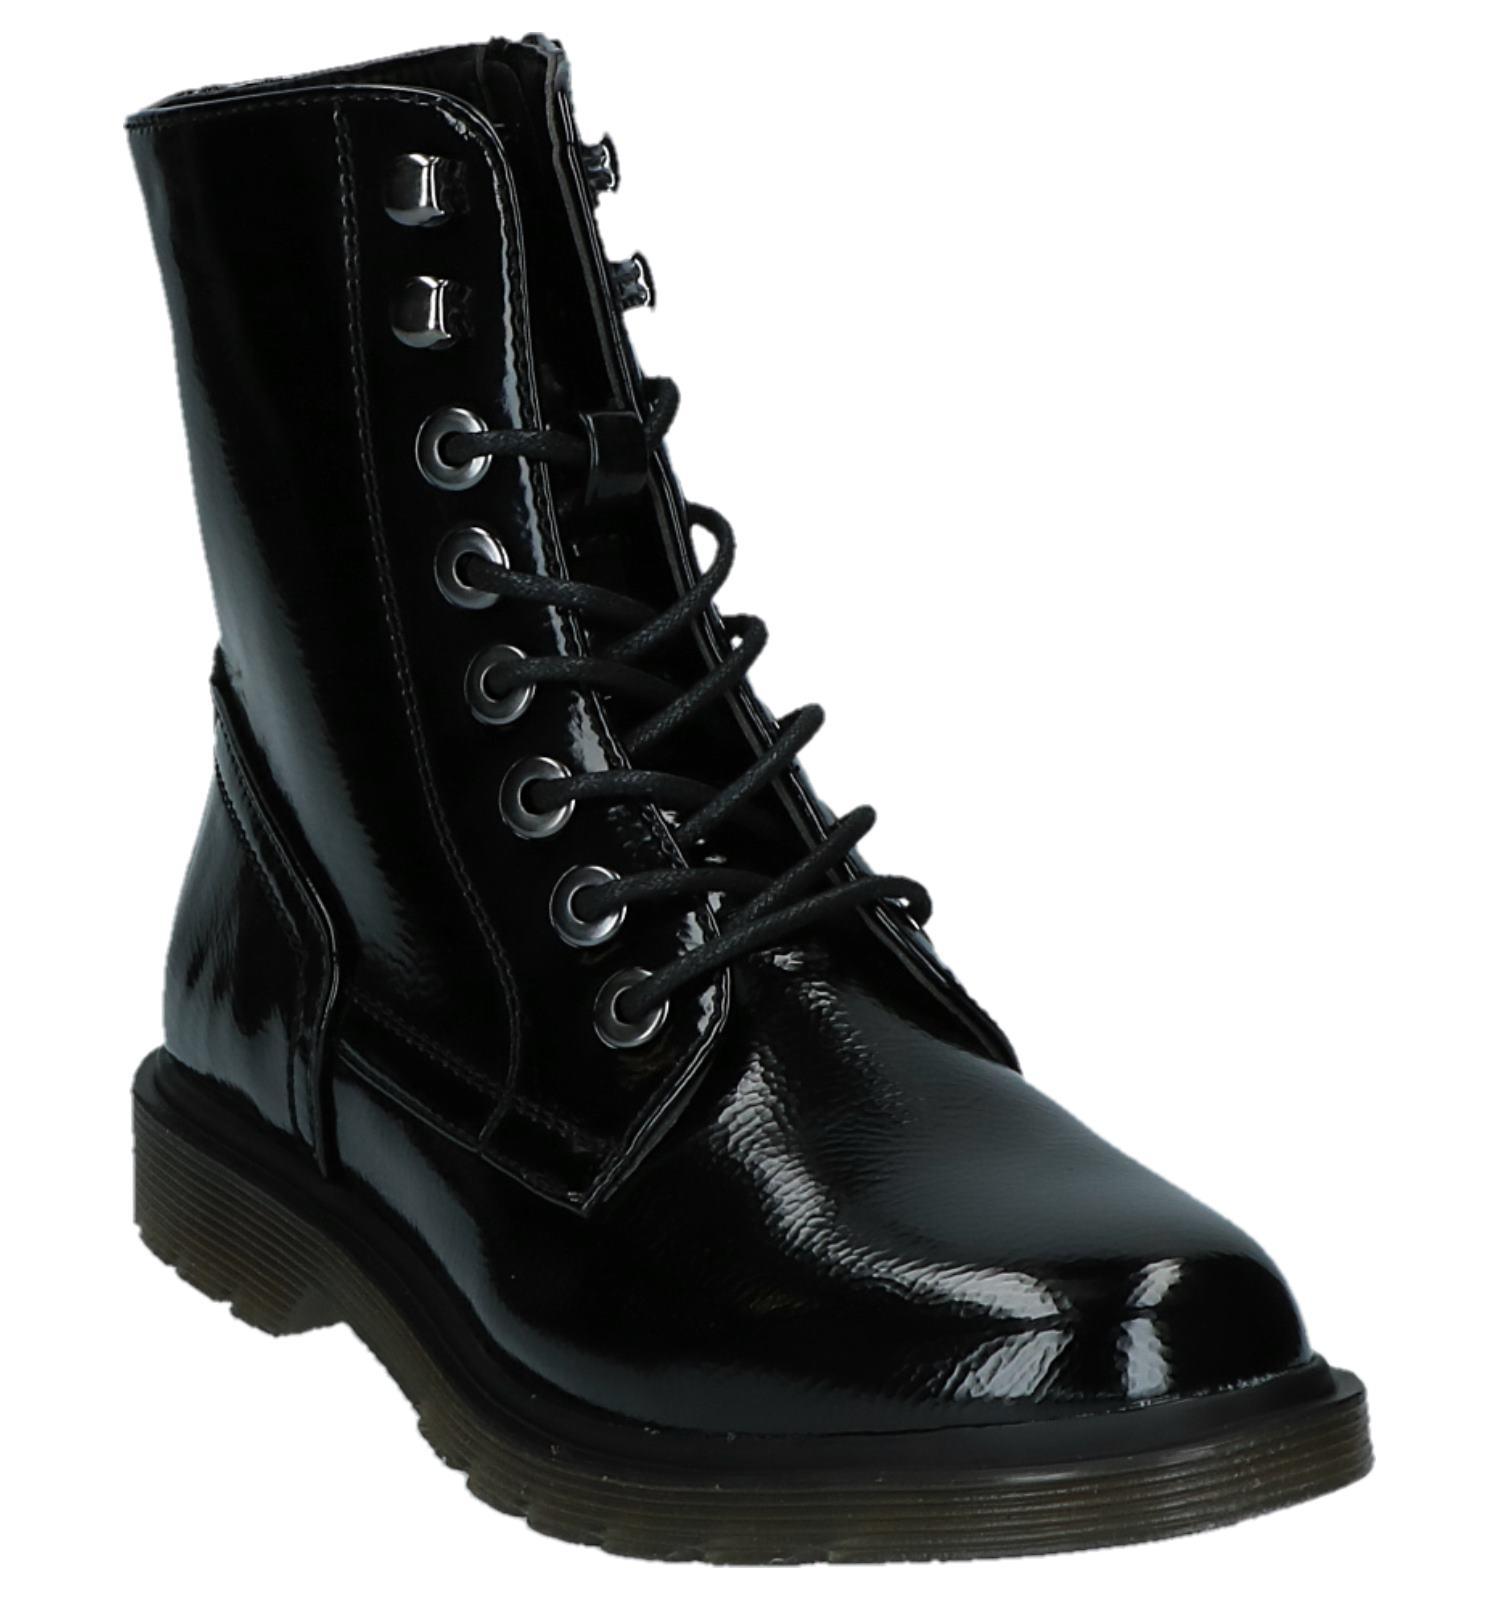 YouhBy Boots Zwarte Met Veters Torfs MSVLUzpGq